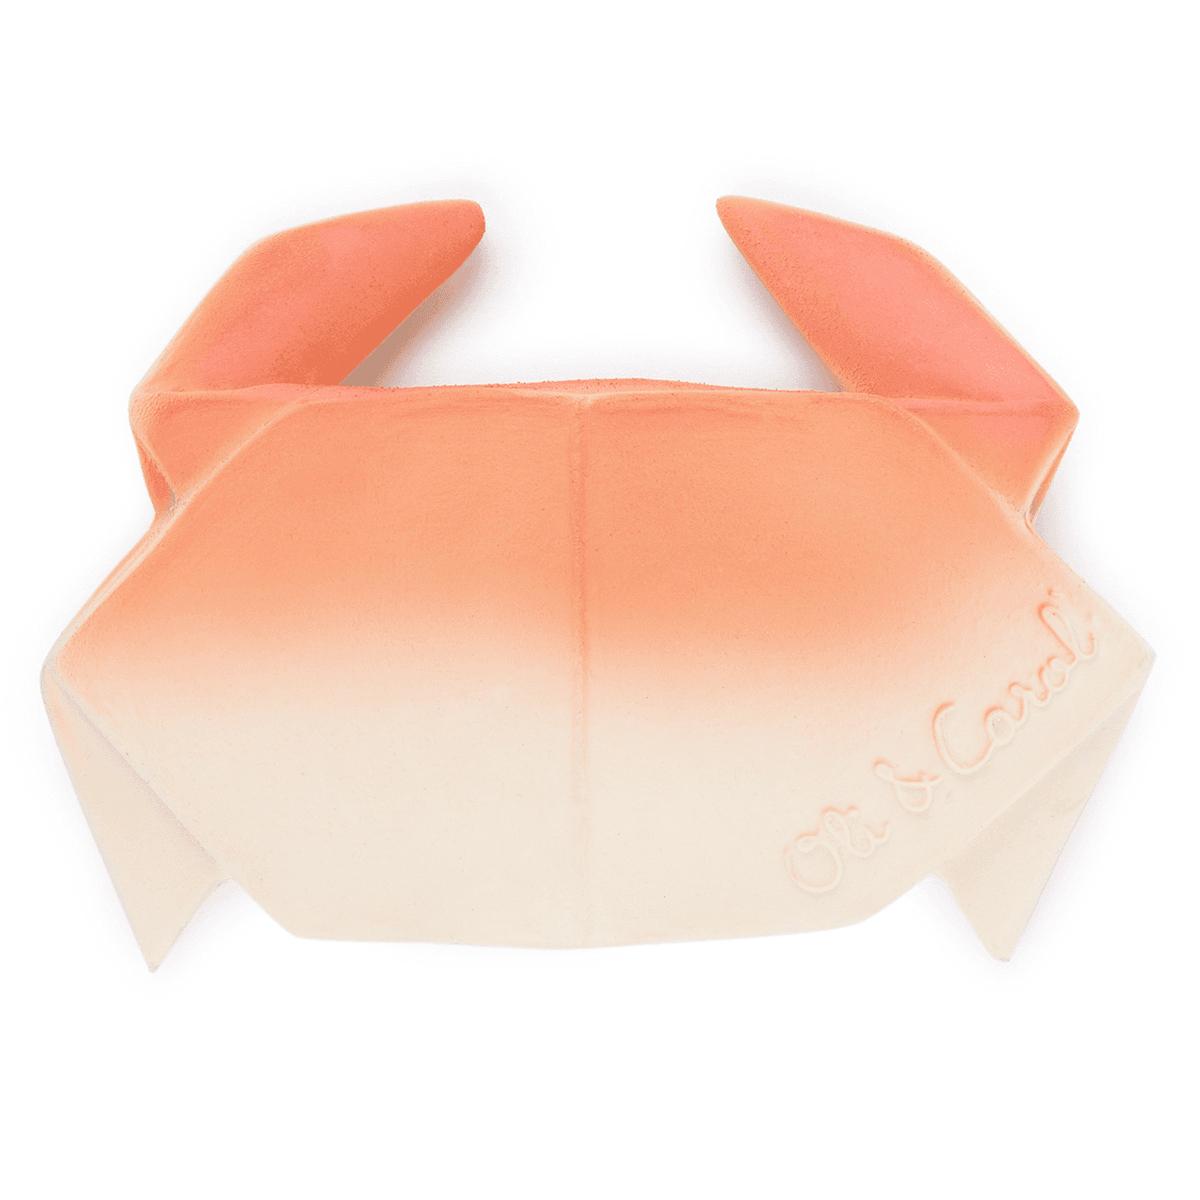 Dentition Jouet de Dentition H2Origami Crabe Jouet de Dentition H2Origami Crabe